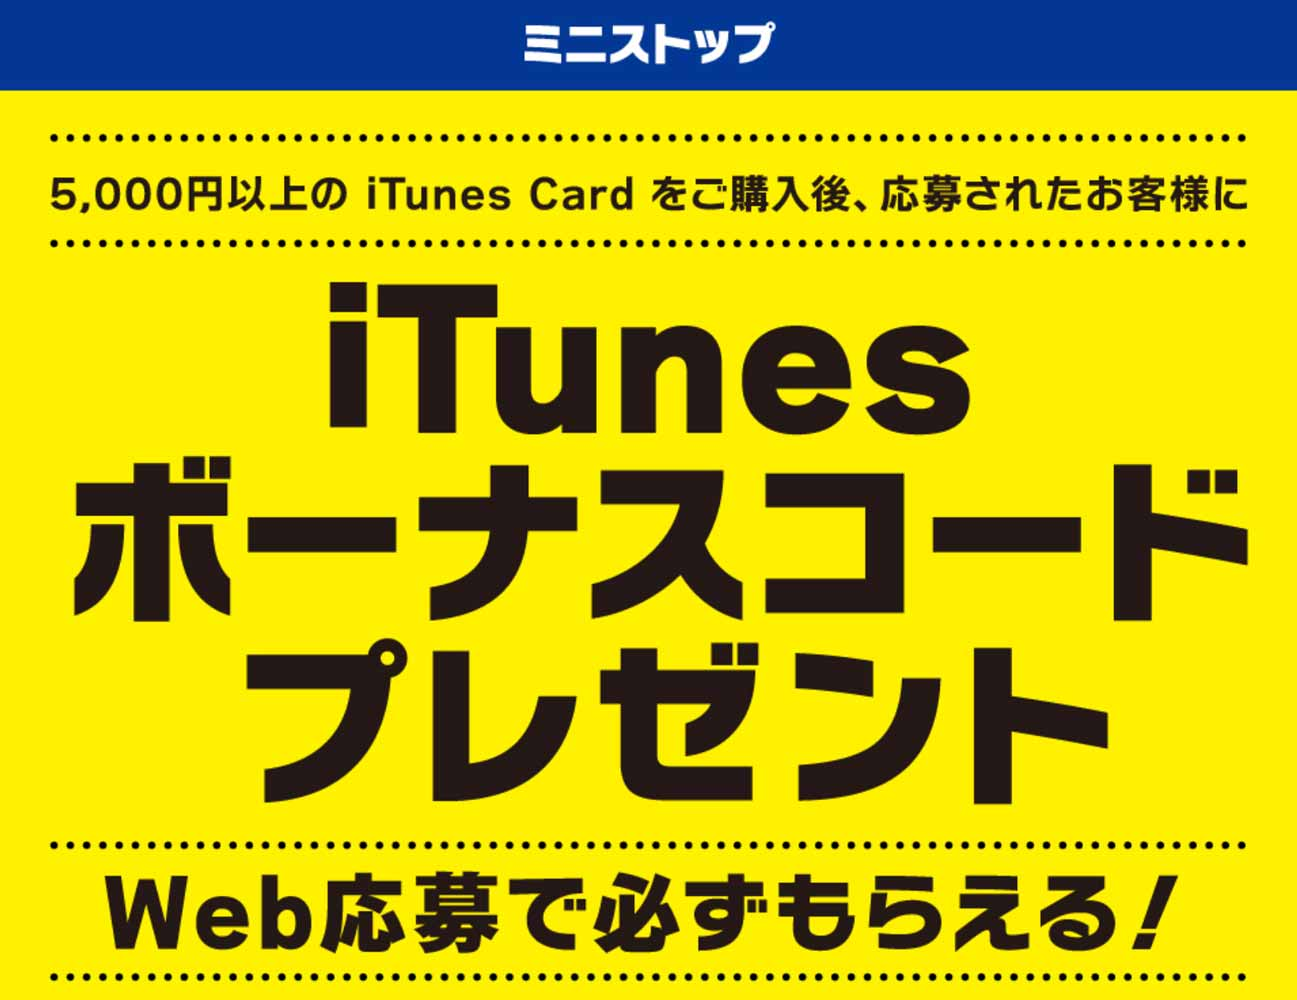 ミニストップ、5,000円以上のiTunes Card購入でiTunesコードがもらえるキャンペーン実施中(2016年4月4日まで)